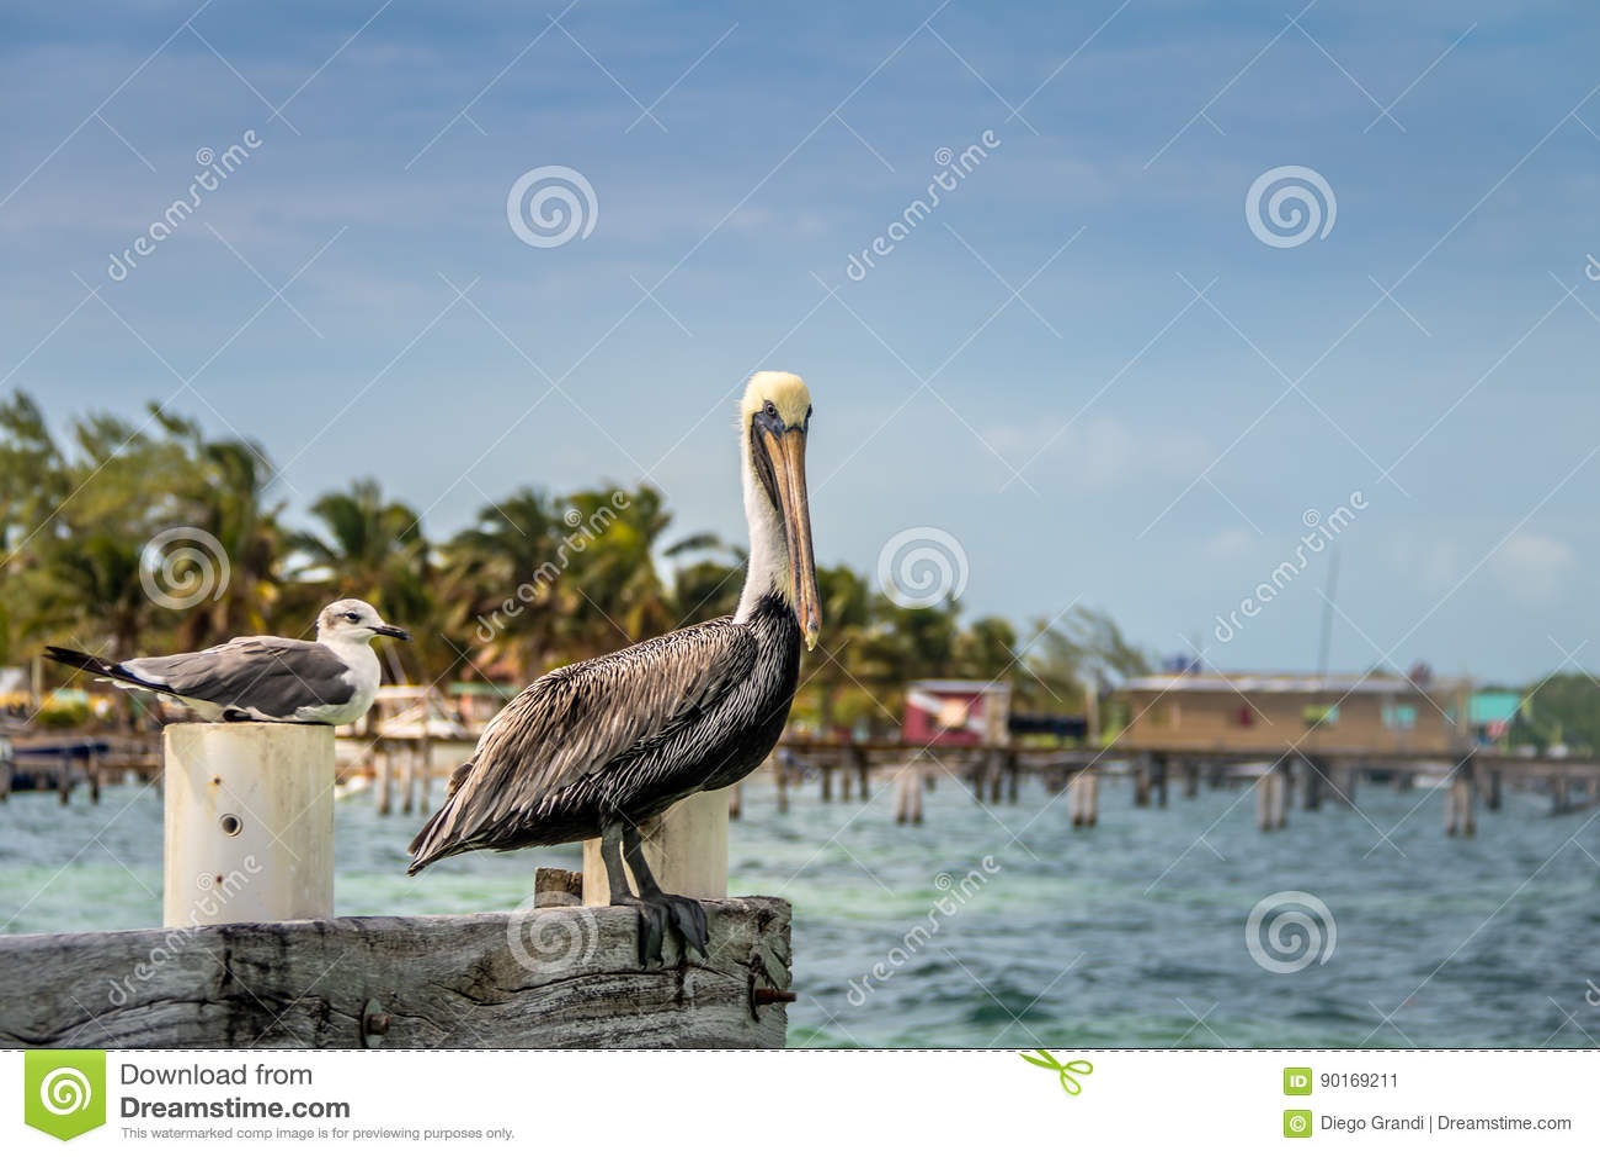 Pelícano y gaviota de risa joven que se colocan en un embarcadero - calafate de Caye, Belice